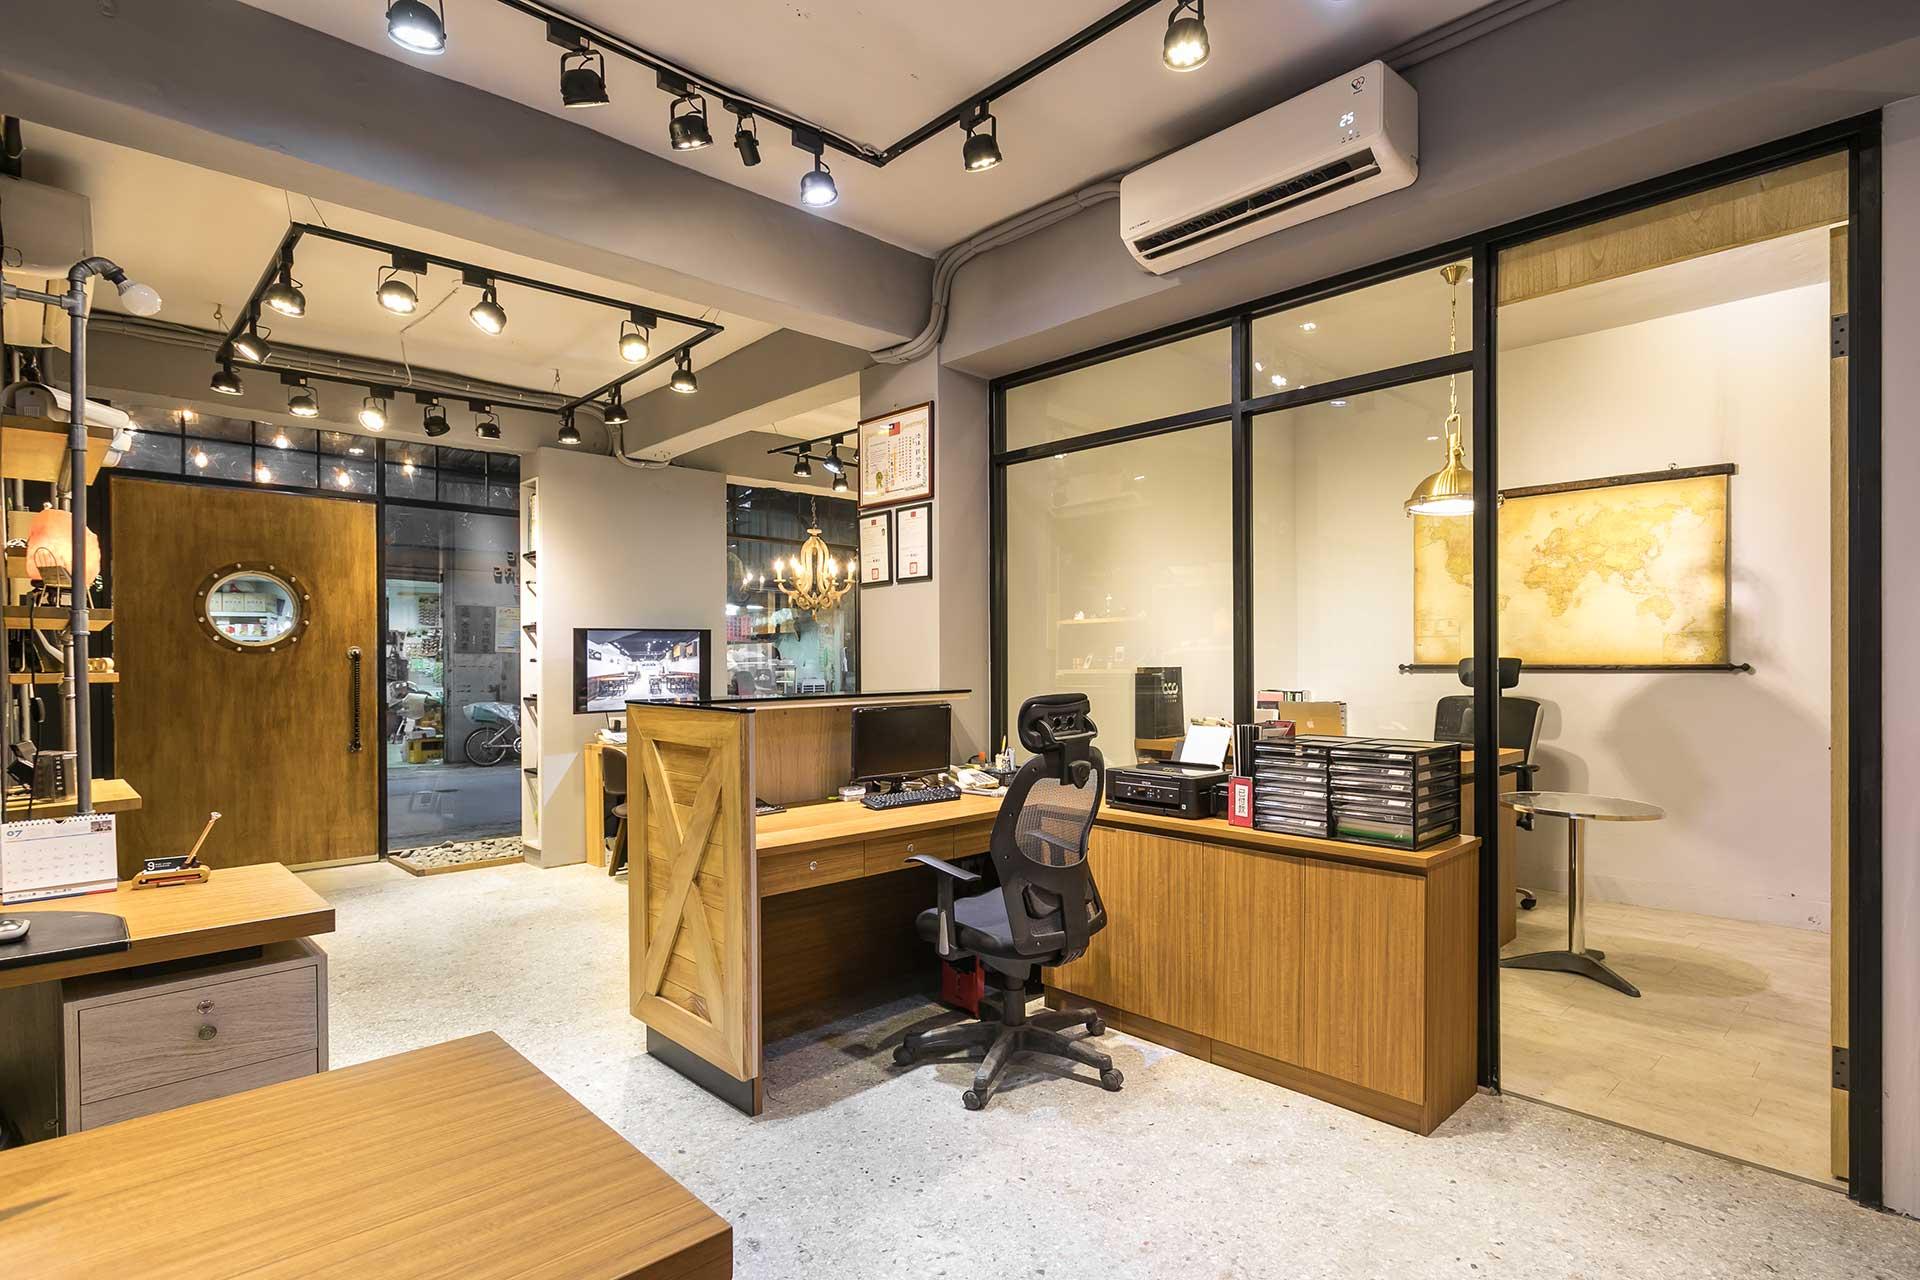 工業復古辦公室:玖恆智慧空間 – 室內設計裝潢案例